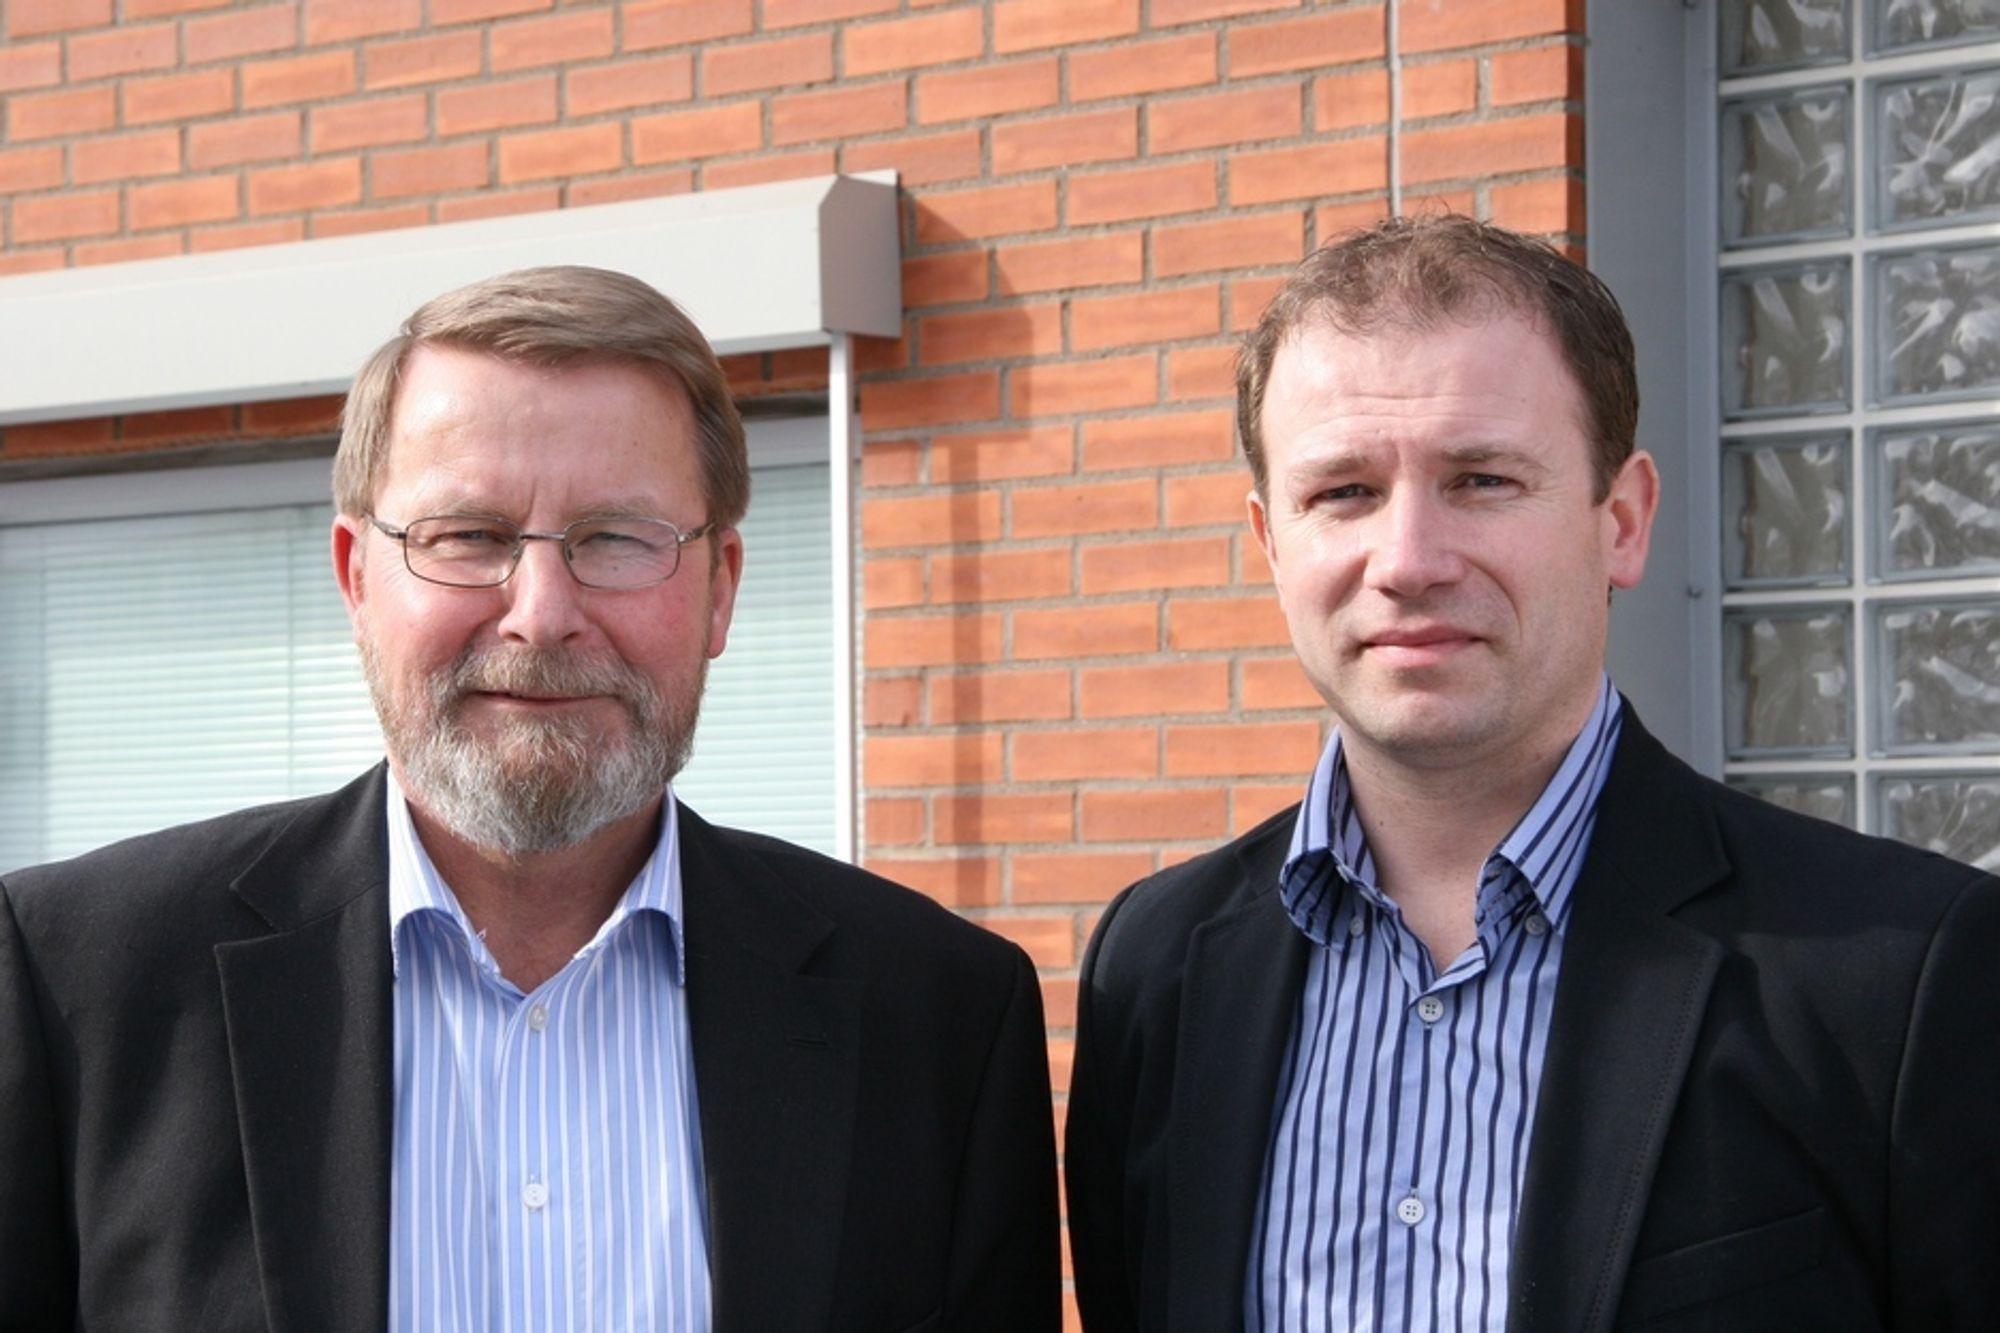 SKIFTE: Arne Frank Johansen, til venstre, trekker seg etter eget ønske og overlater styringen av Lemminkäinen i Norge til Frank Mathillas. Skiftet skjer 1. juni.